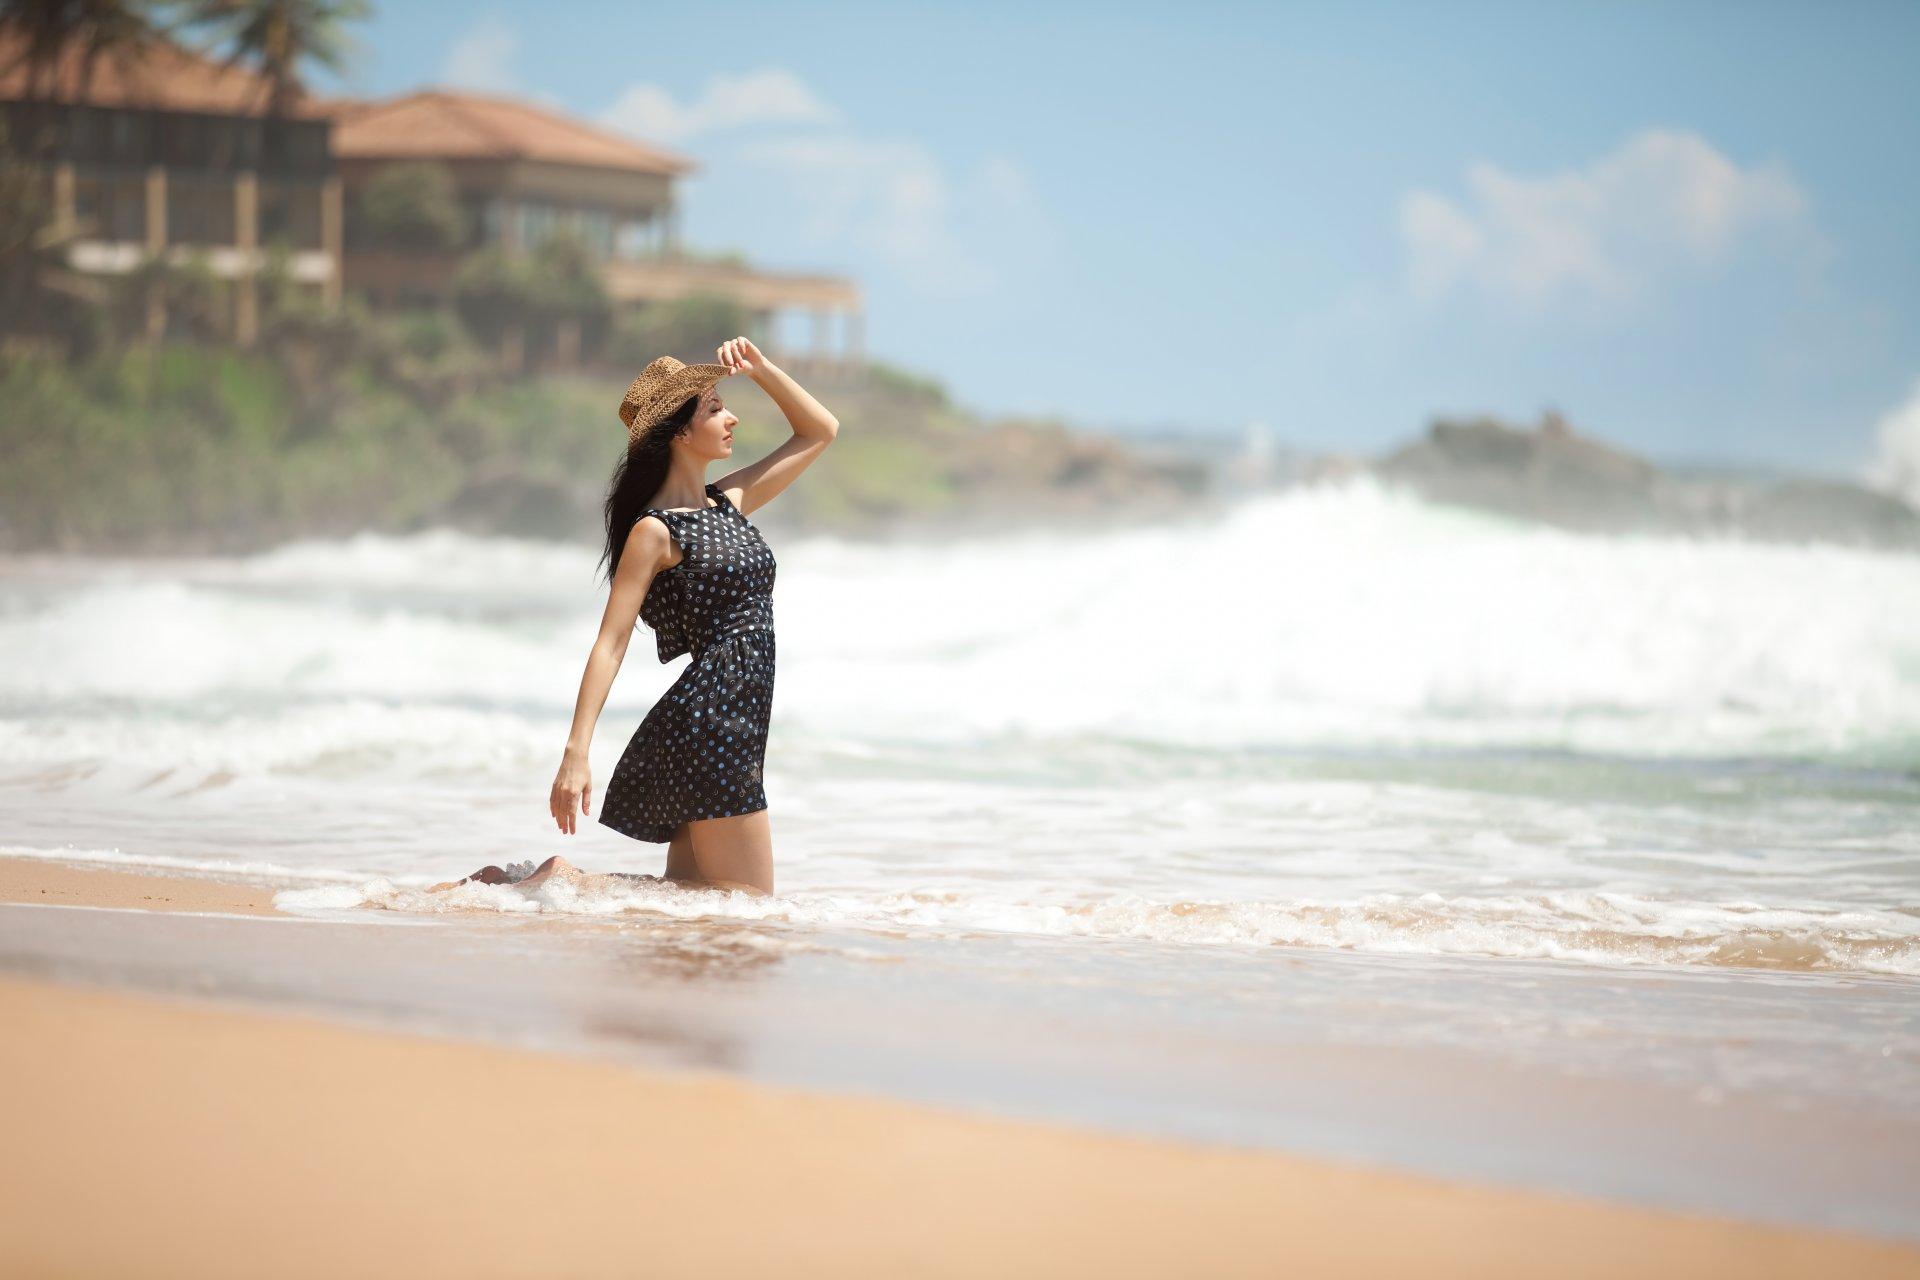 Фото красивых девушекбрюнеток отдыхающих на берегу моря 480, Голая брюнетка на берегу моря. Фото эротика 14 фотография